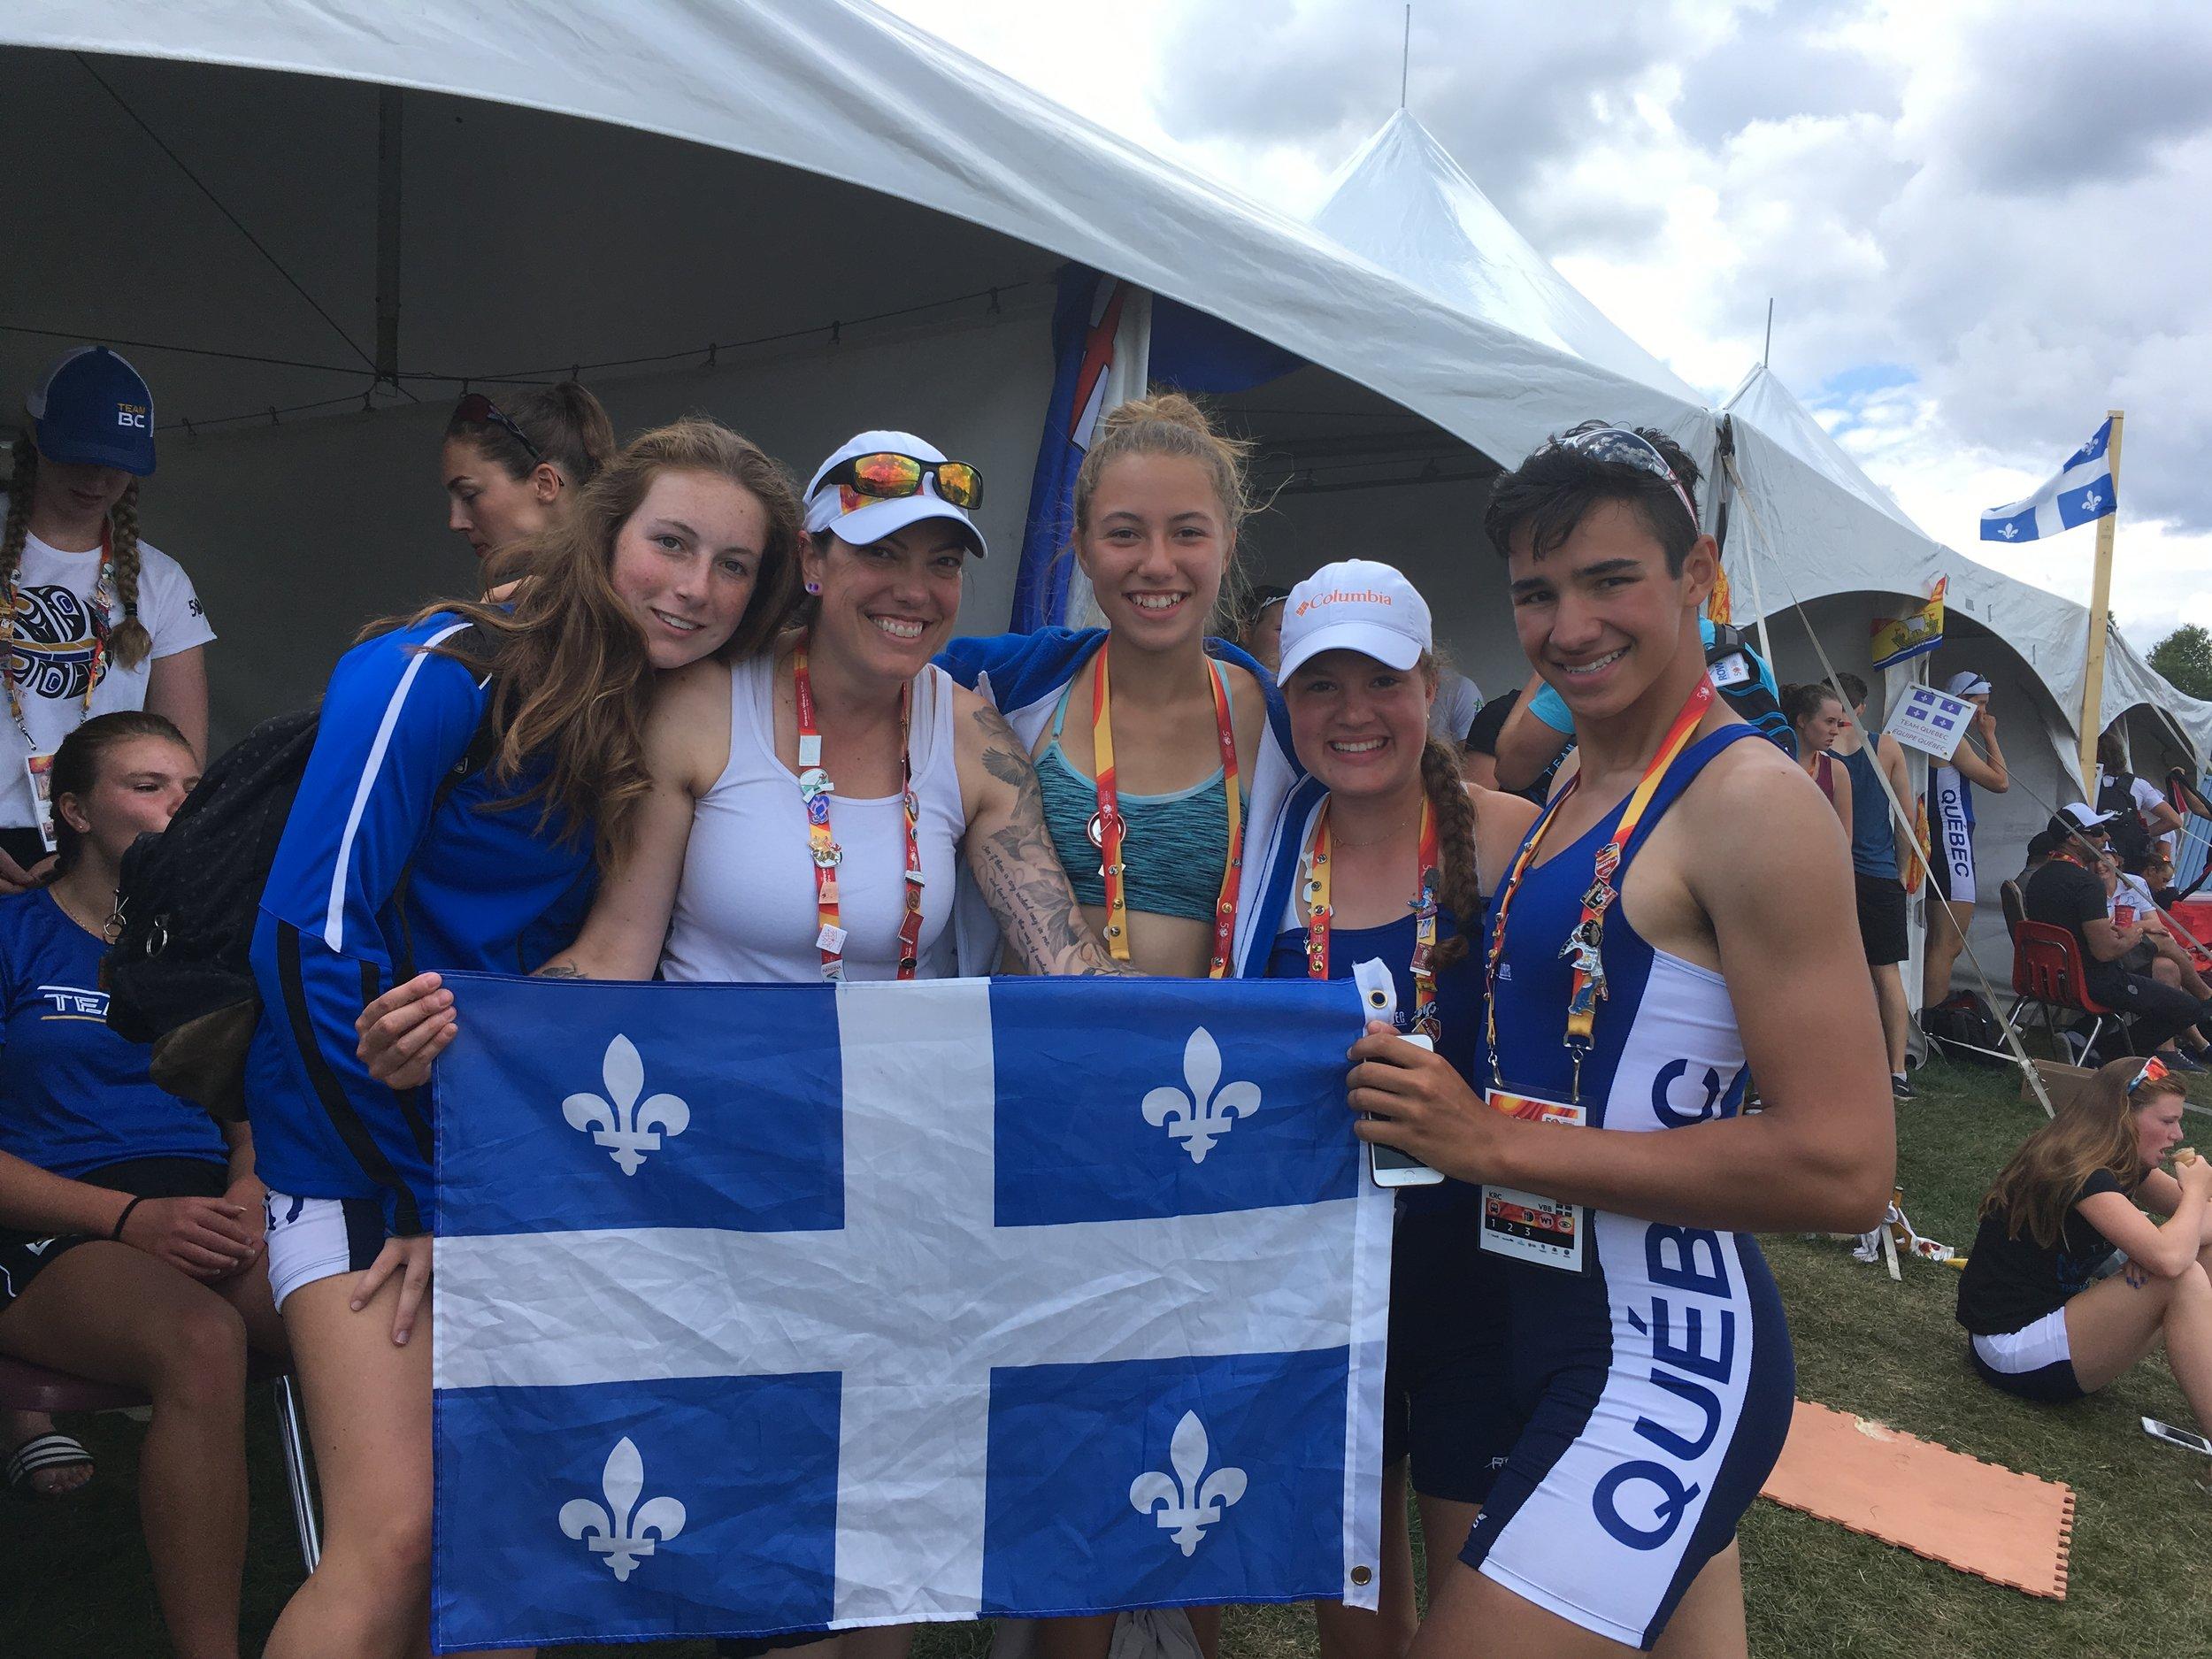 2017 canada games team QUéBEC ROWING